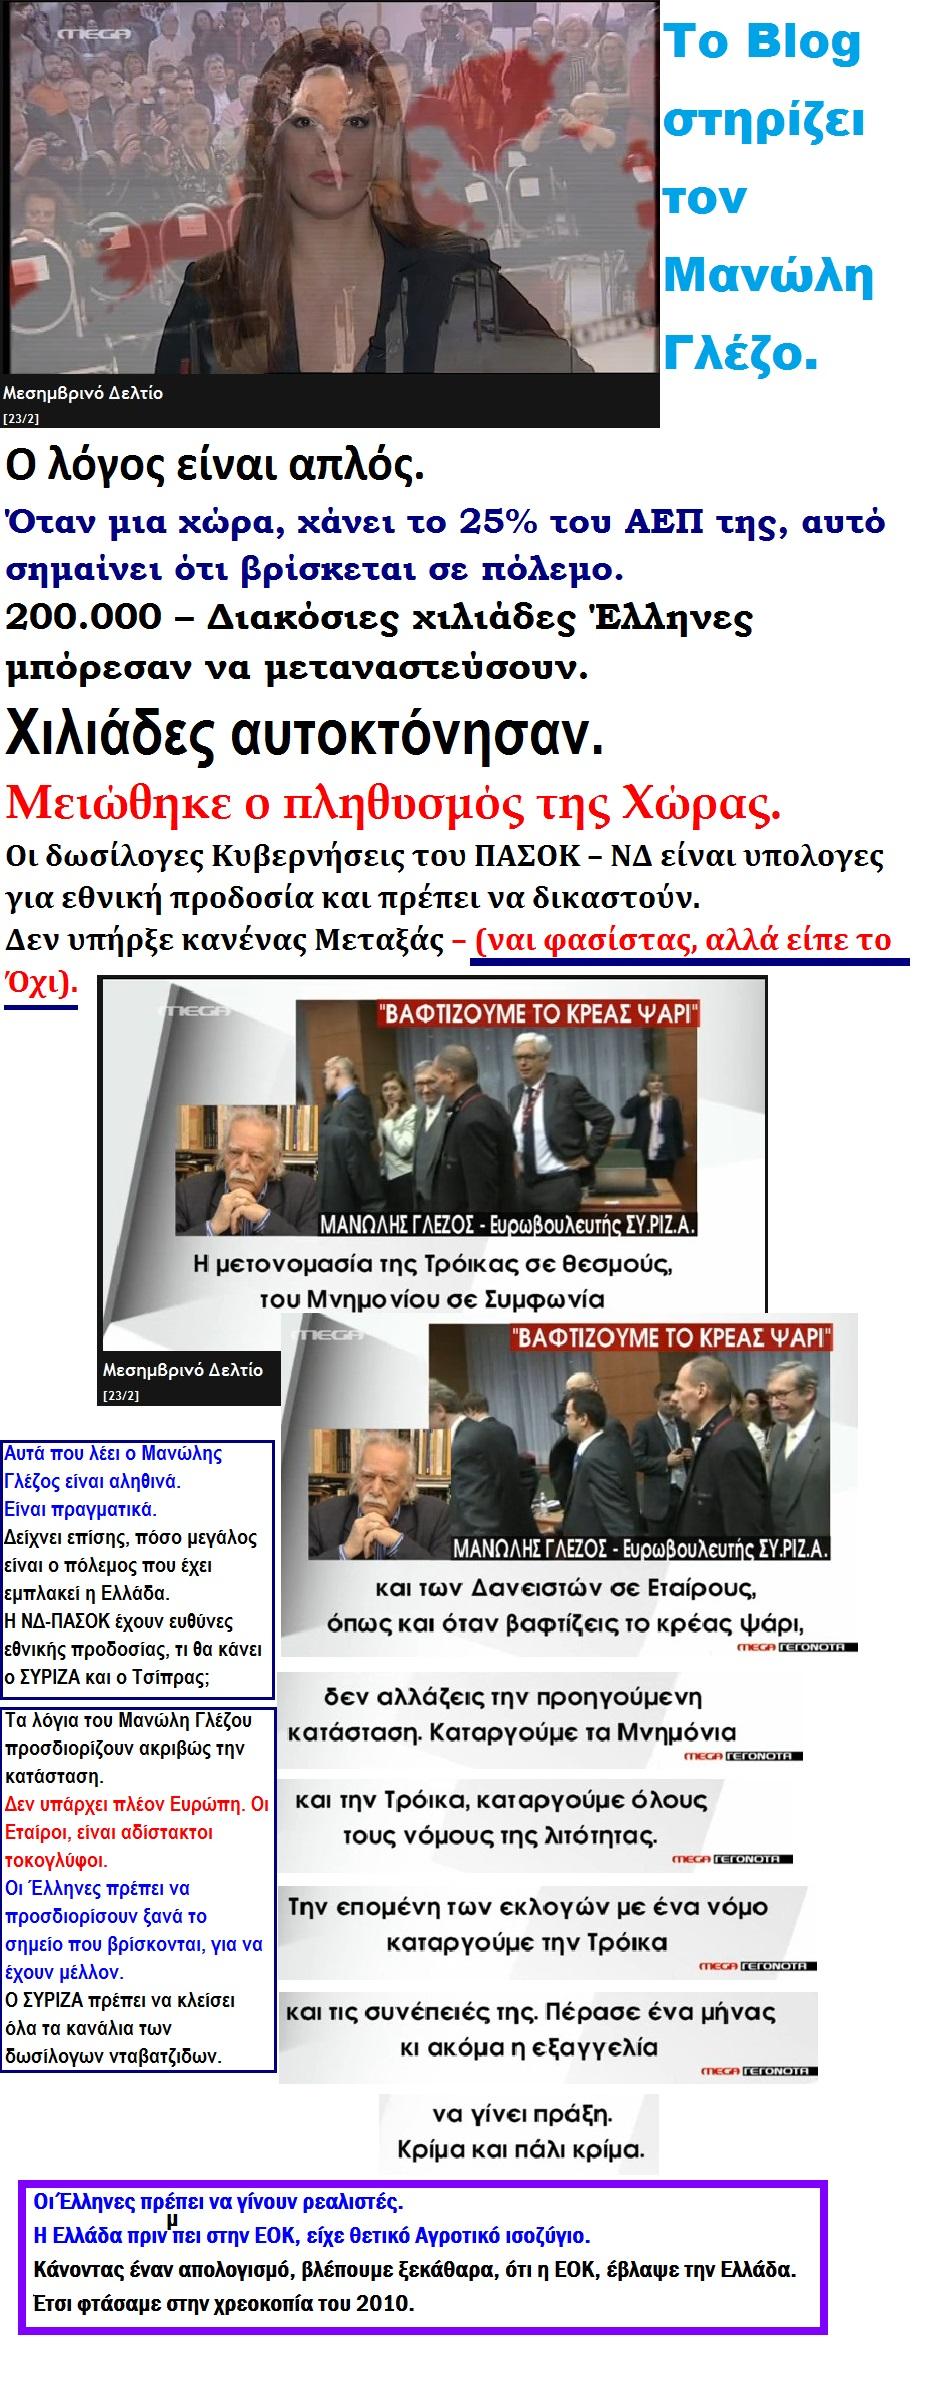 ELLADA MANOLHS GLEZOS SYGNOMH GIA PROEKLOGIKES DESMEYSEIS TSIPRAS THEODORAKIS 01 270215